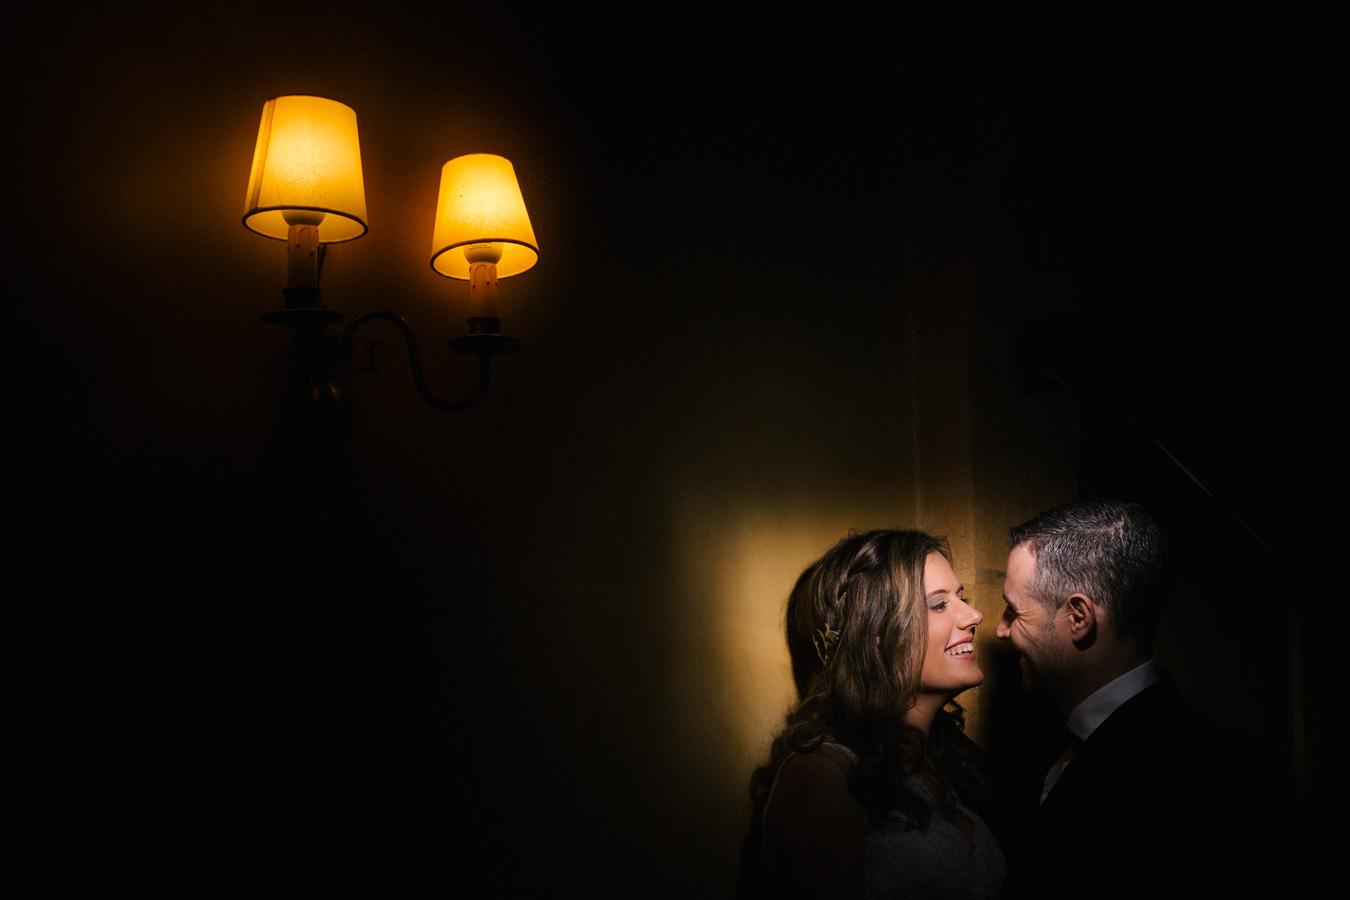 fotografo de boda malaga y granada